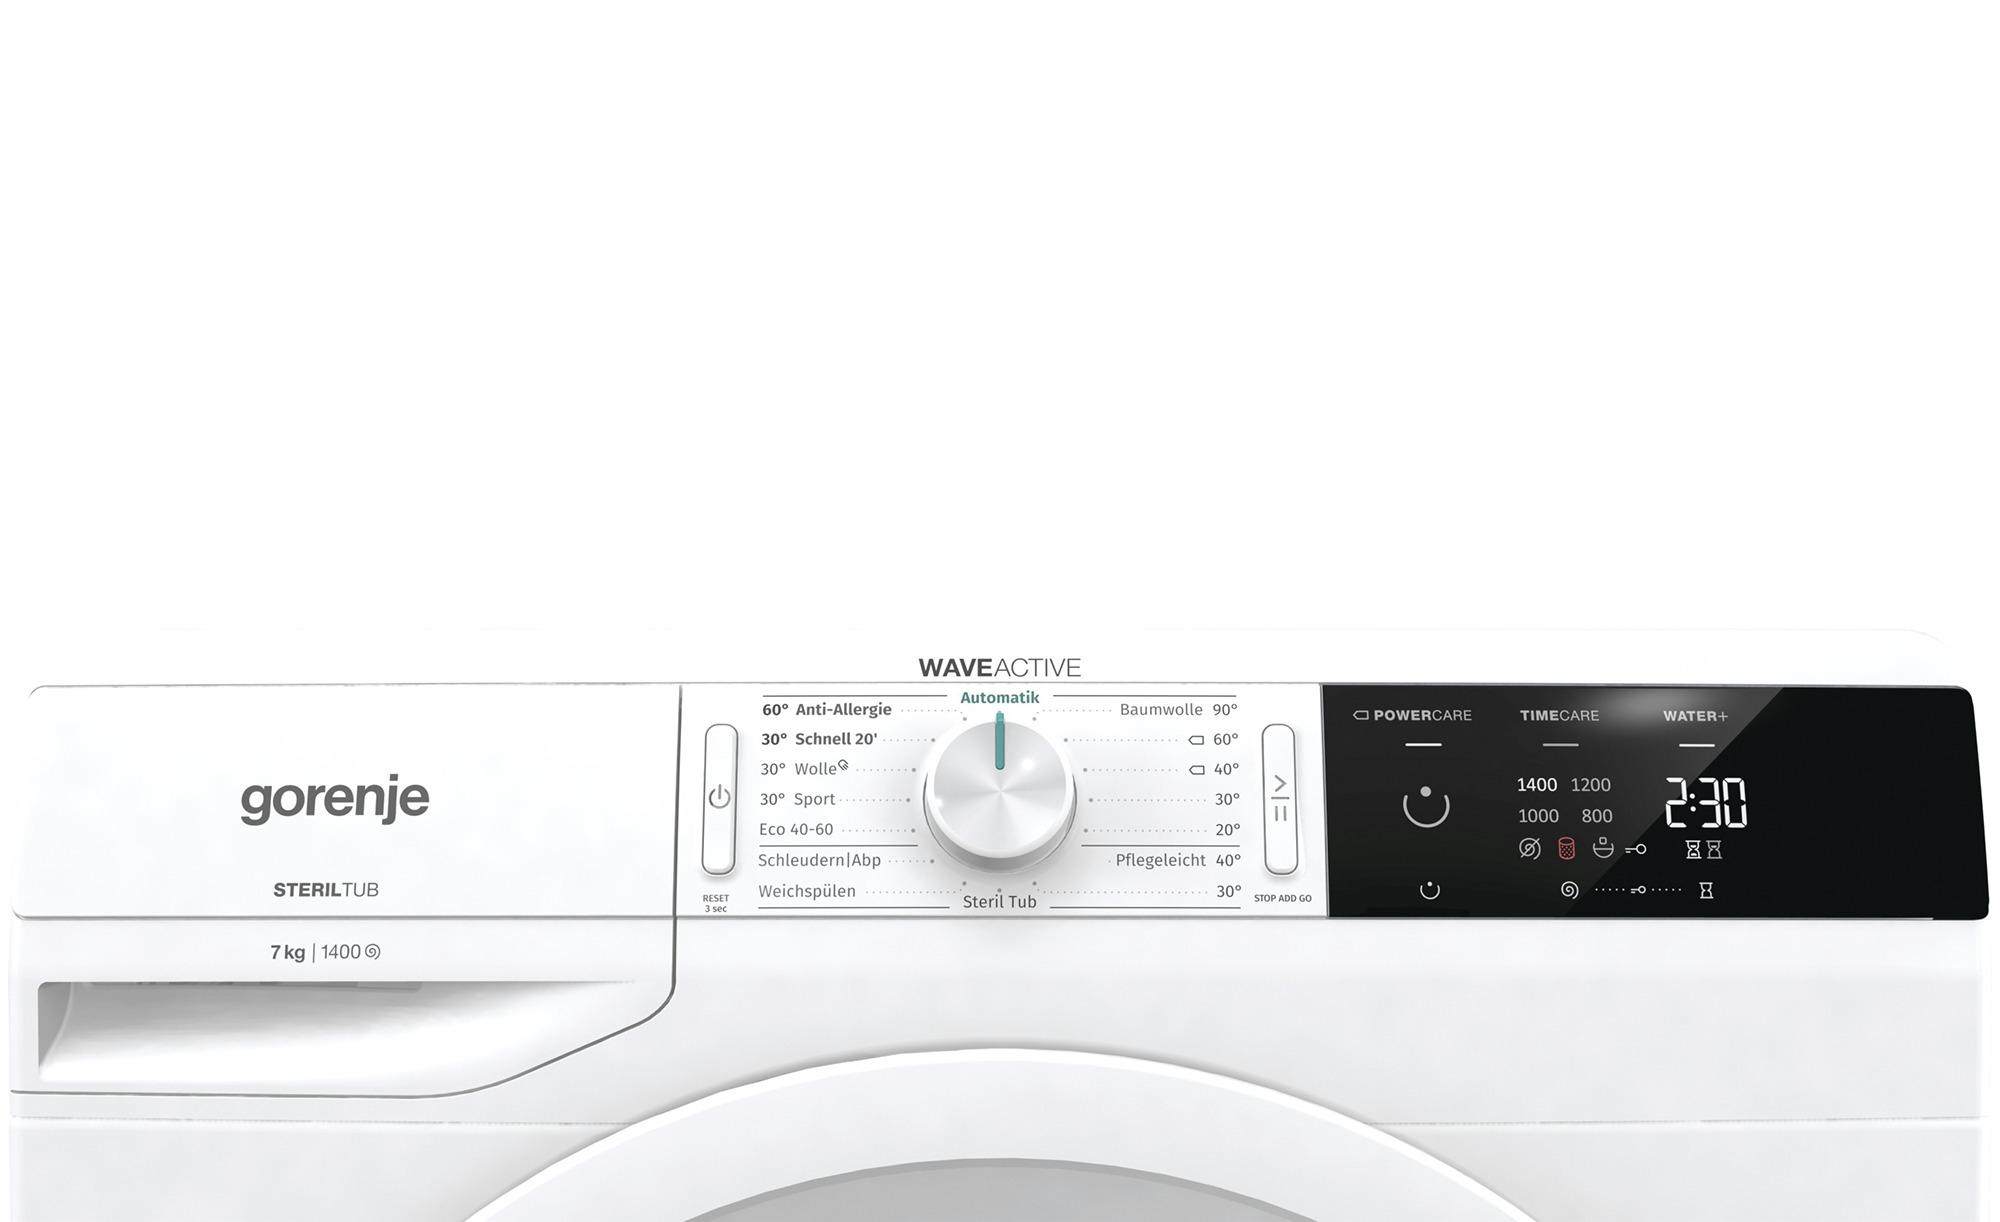 Gorenje Kühlschrank Höffner : Gorenje waschvollautomat we s p möbel höffner